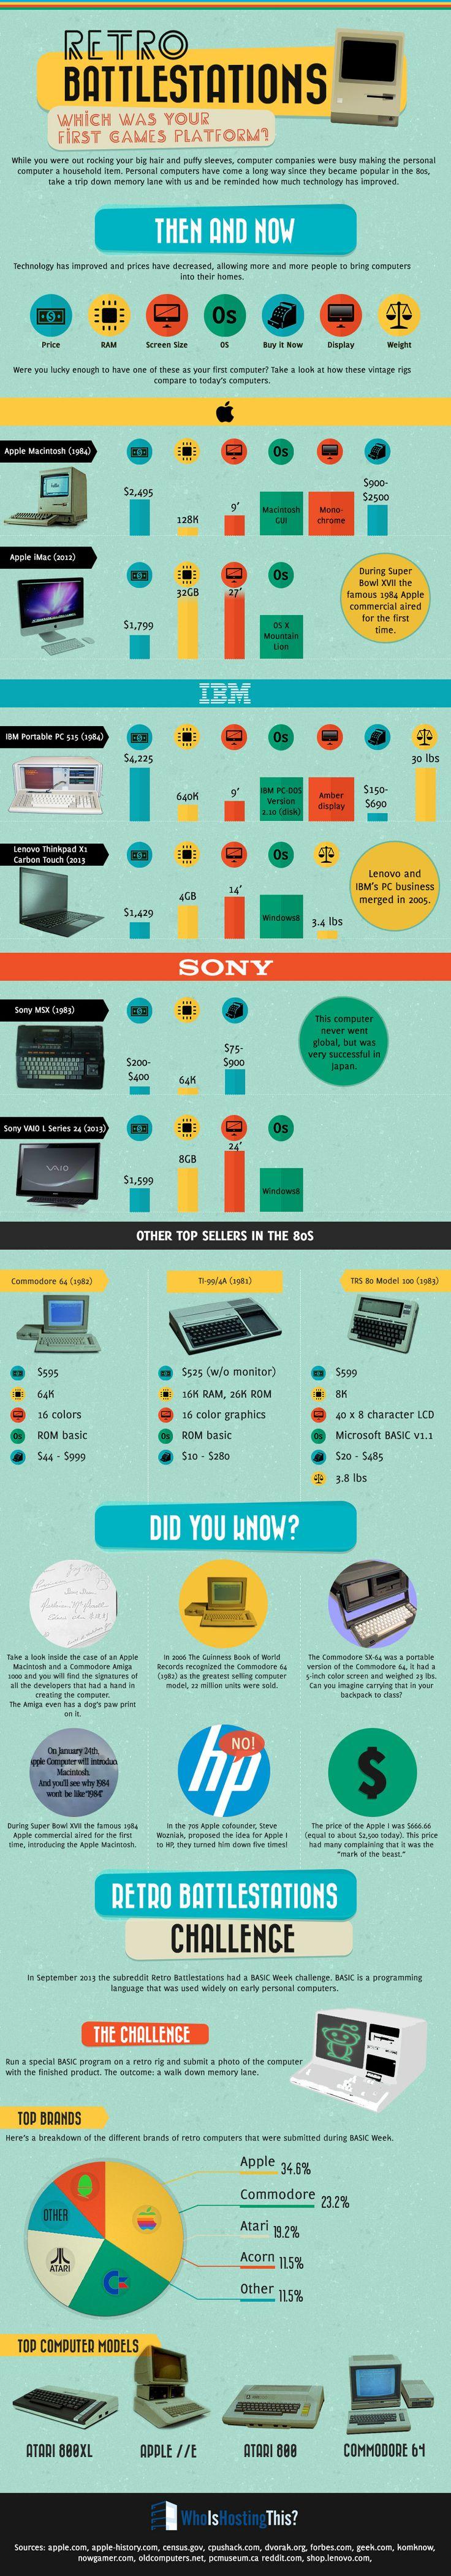 Retro Battlestations: Which Was Your first Games Platform?   #Infographic #GamesPlatform #Technology